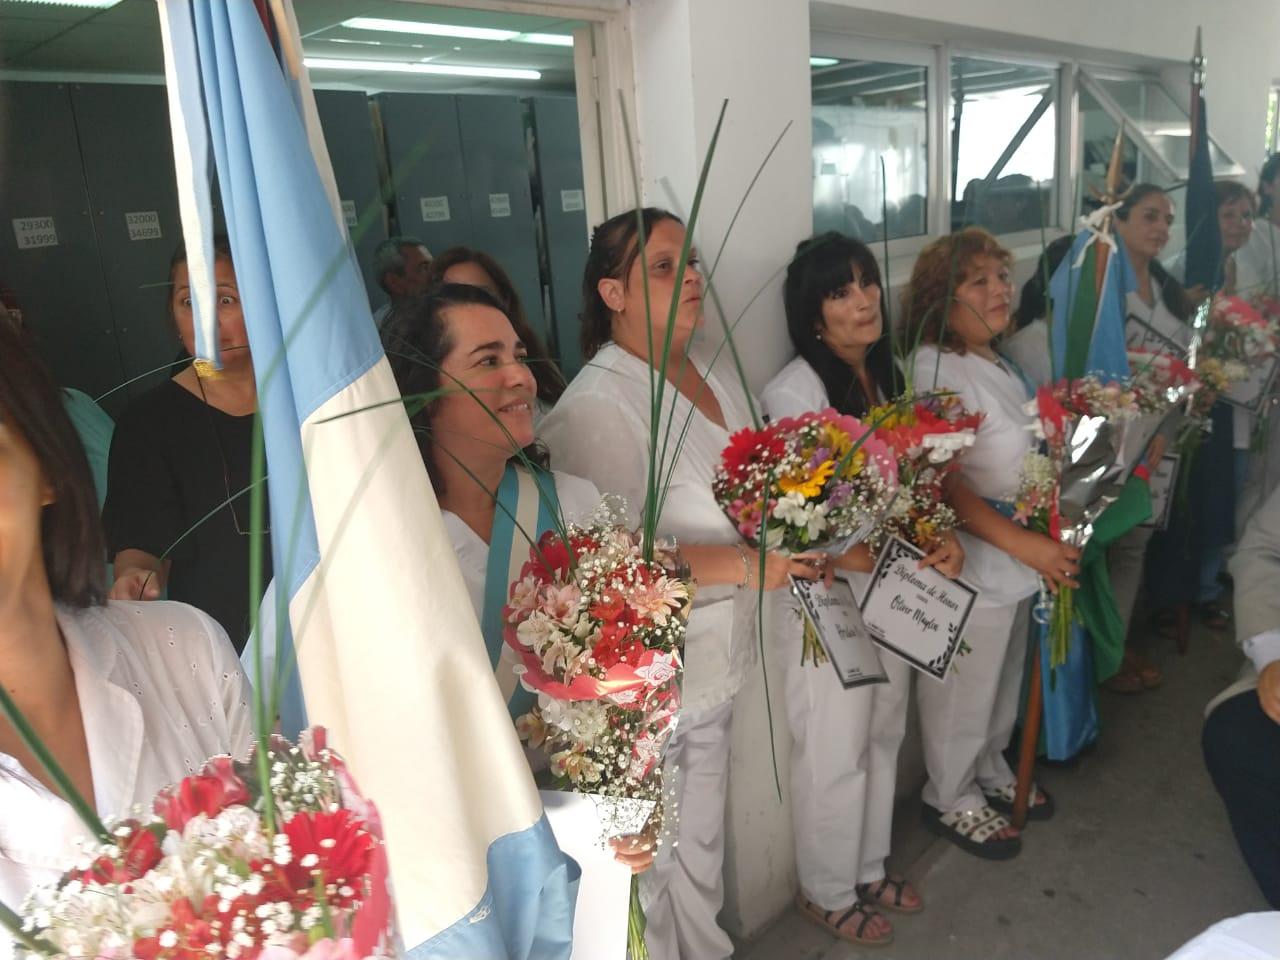 Día Nacional de la Enfermería: Entrega, amor y respeto, al servicio de la comunidad